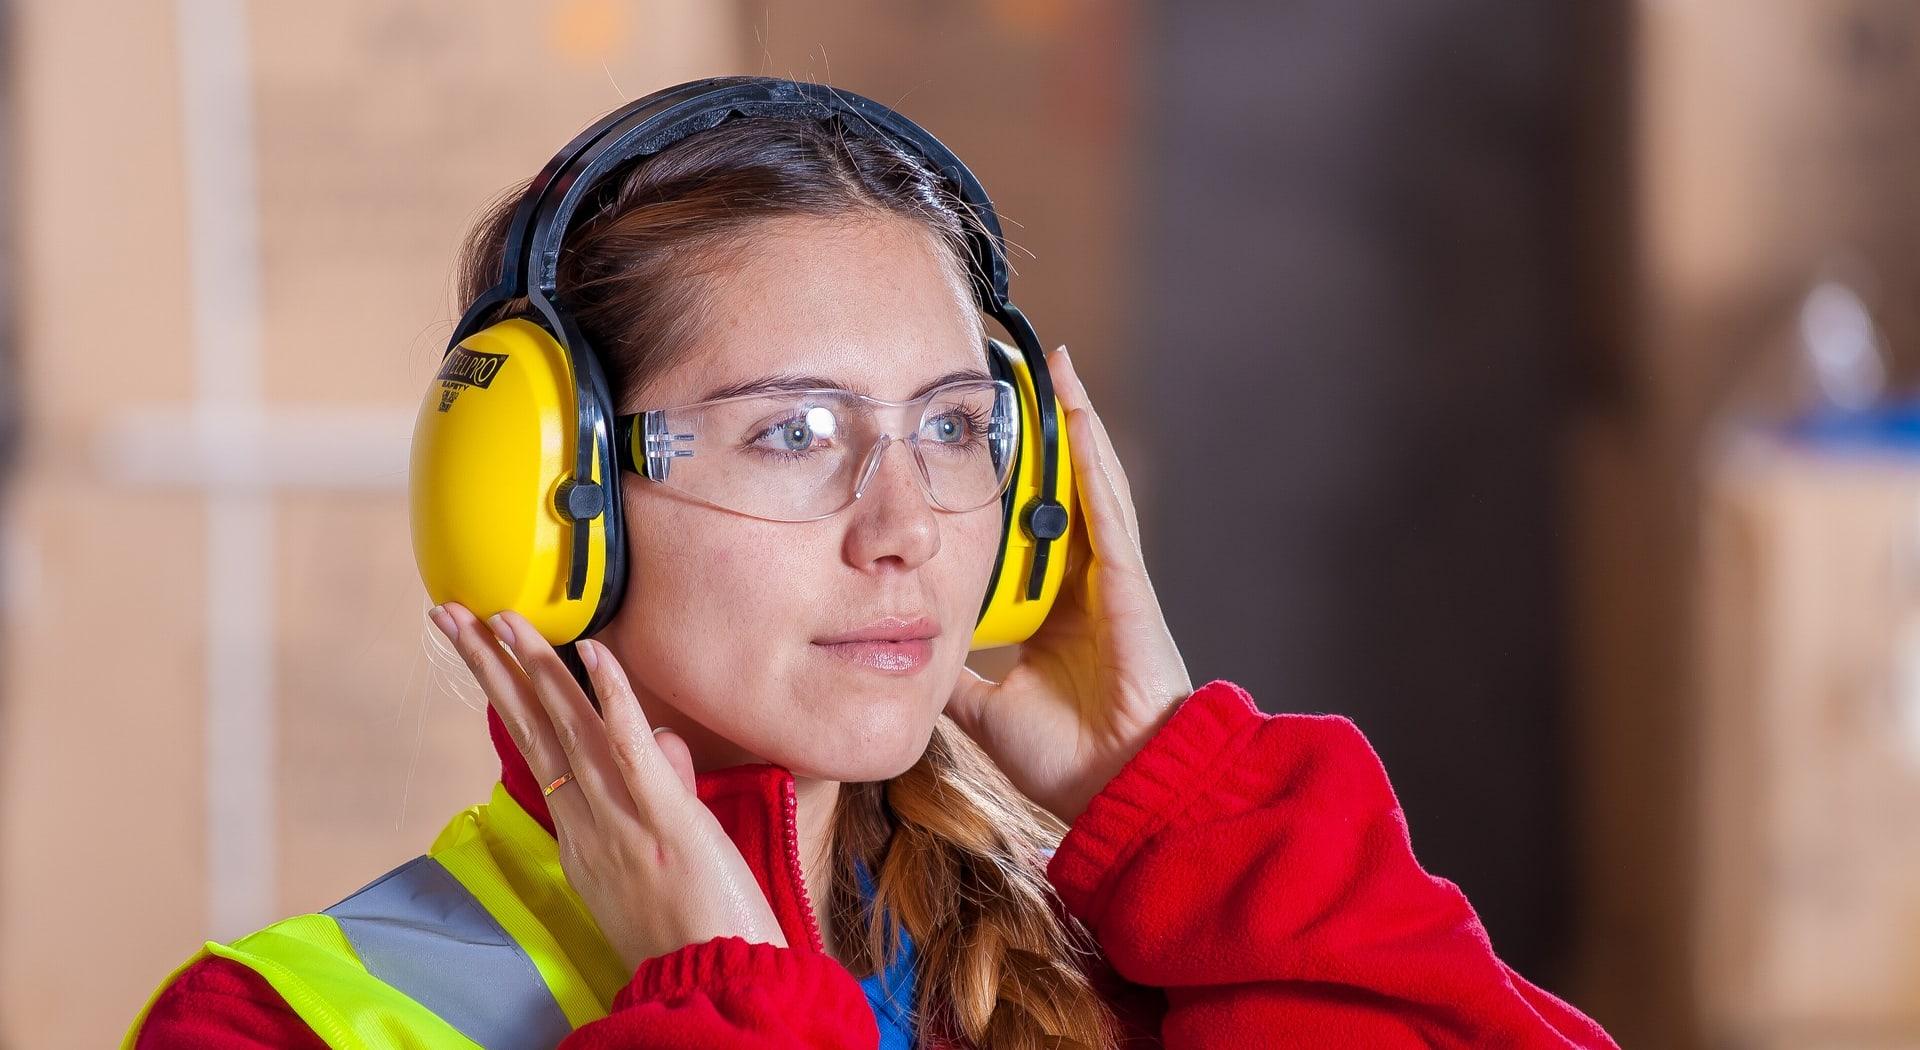 Hva kan du kreve i erstatning ved yrkesskade? Det ser vi nærmere på i denne artikkelen.